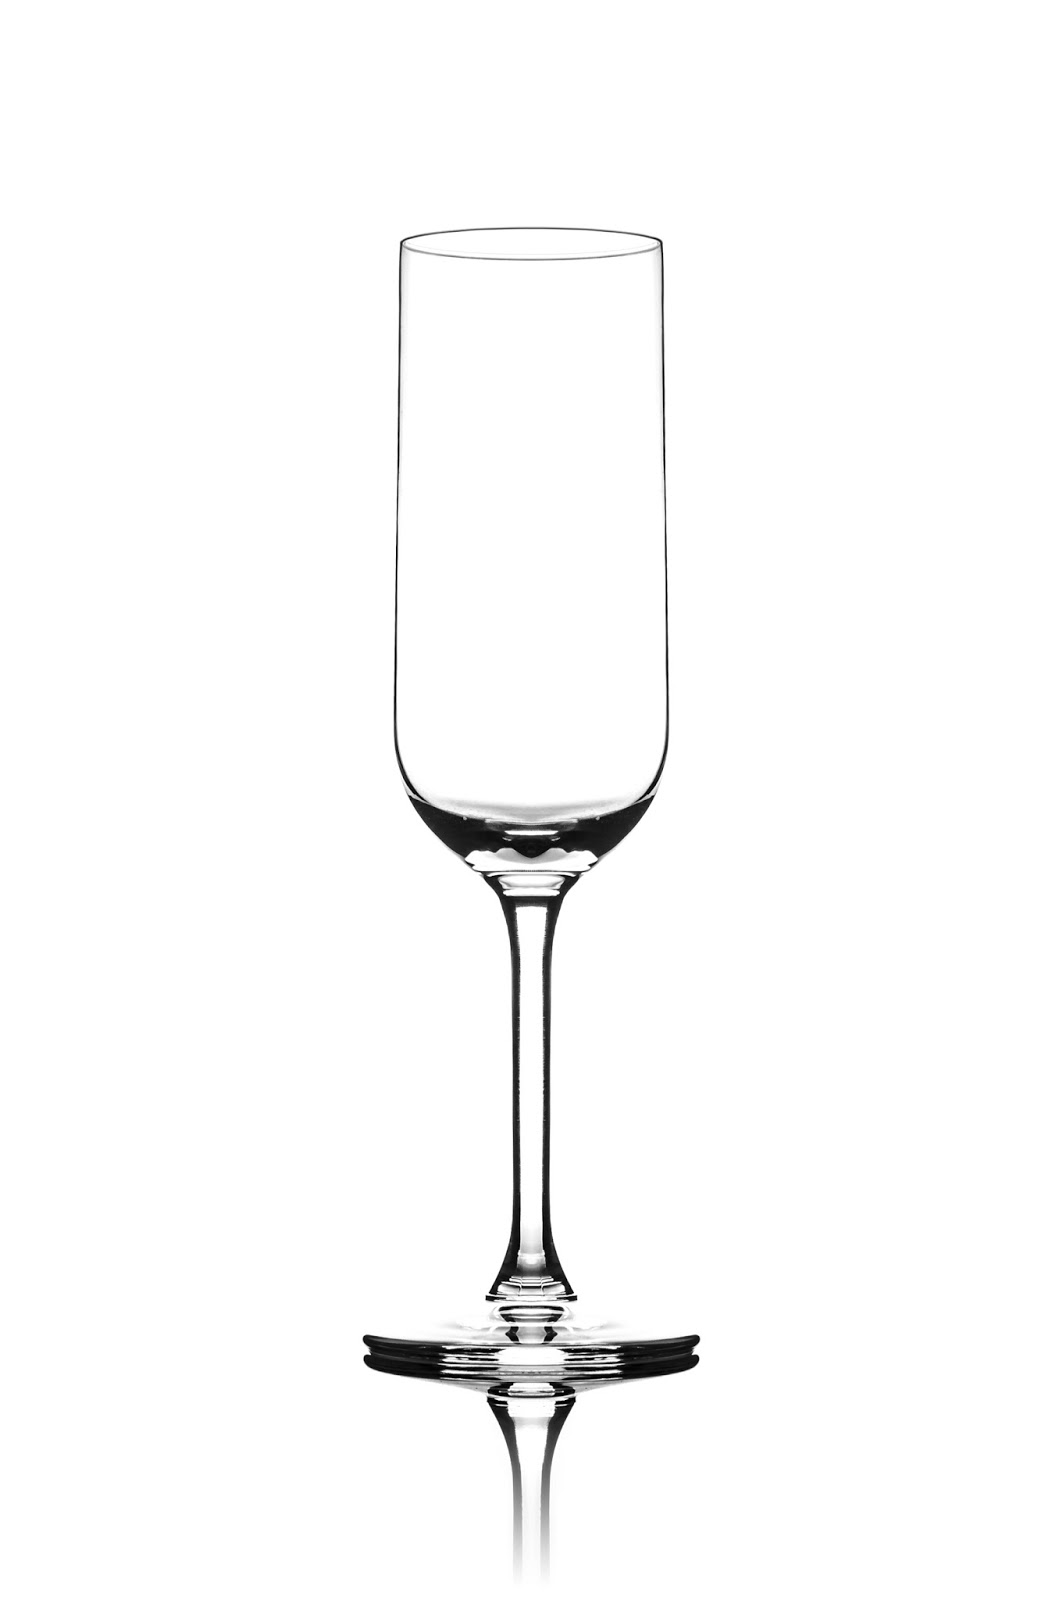 Съемка бокала для шампанского